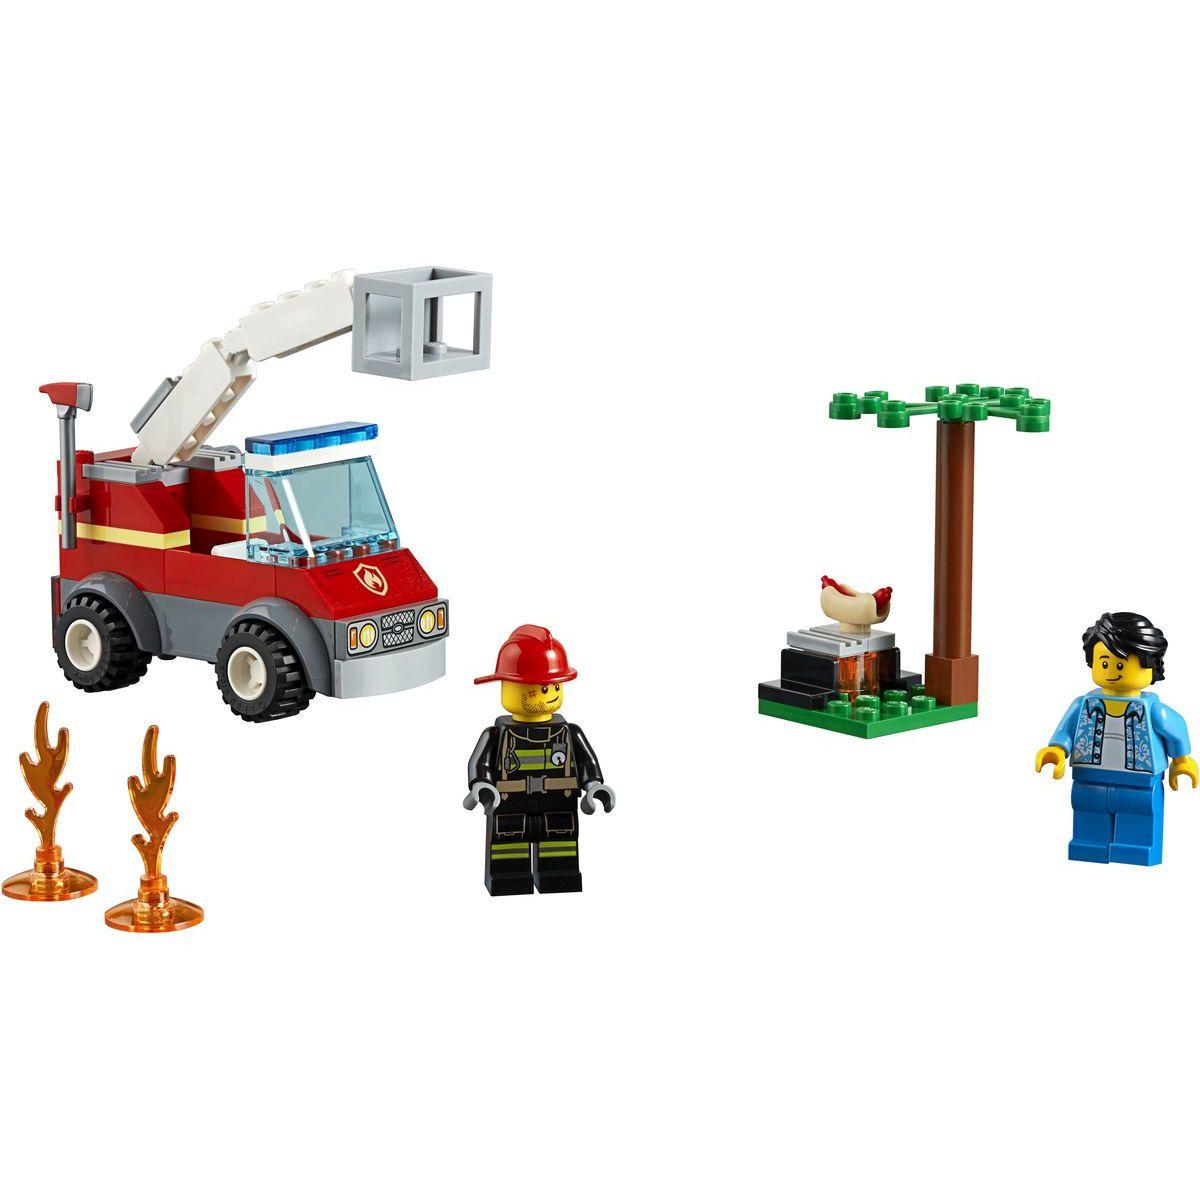 LEGO City 60212 Grilovanie a požiar